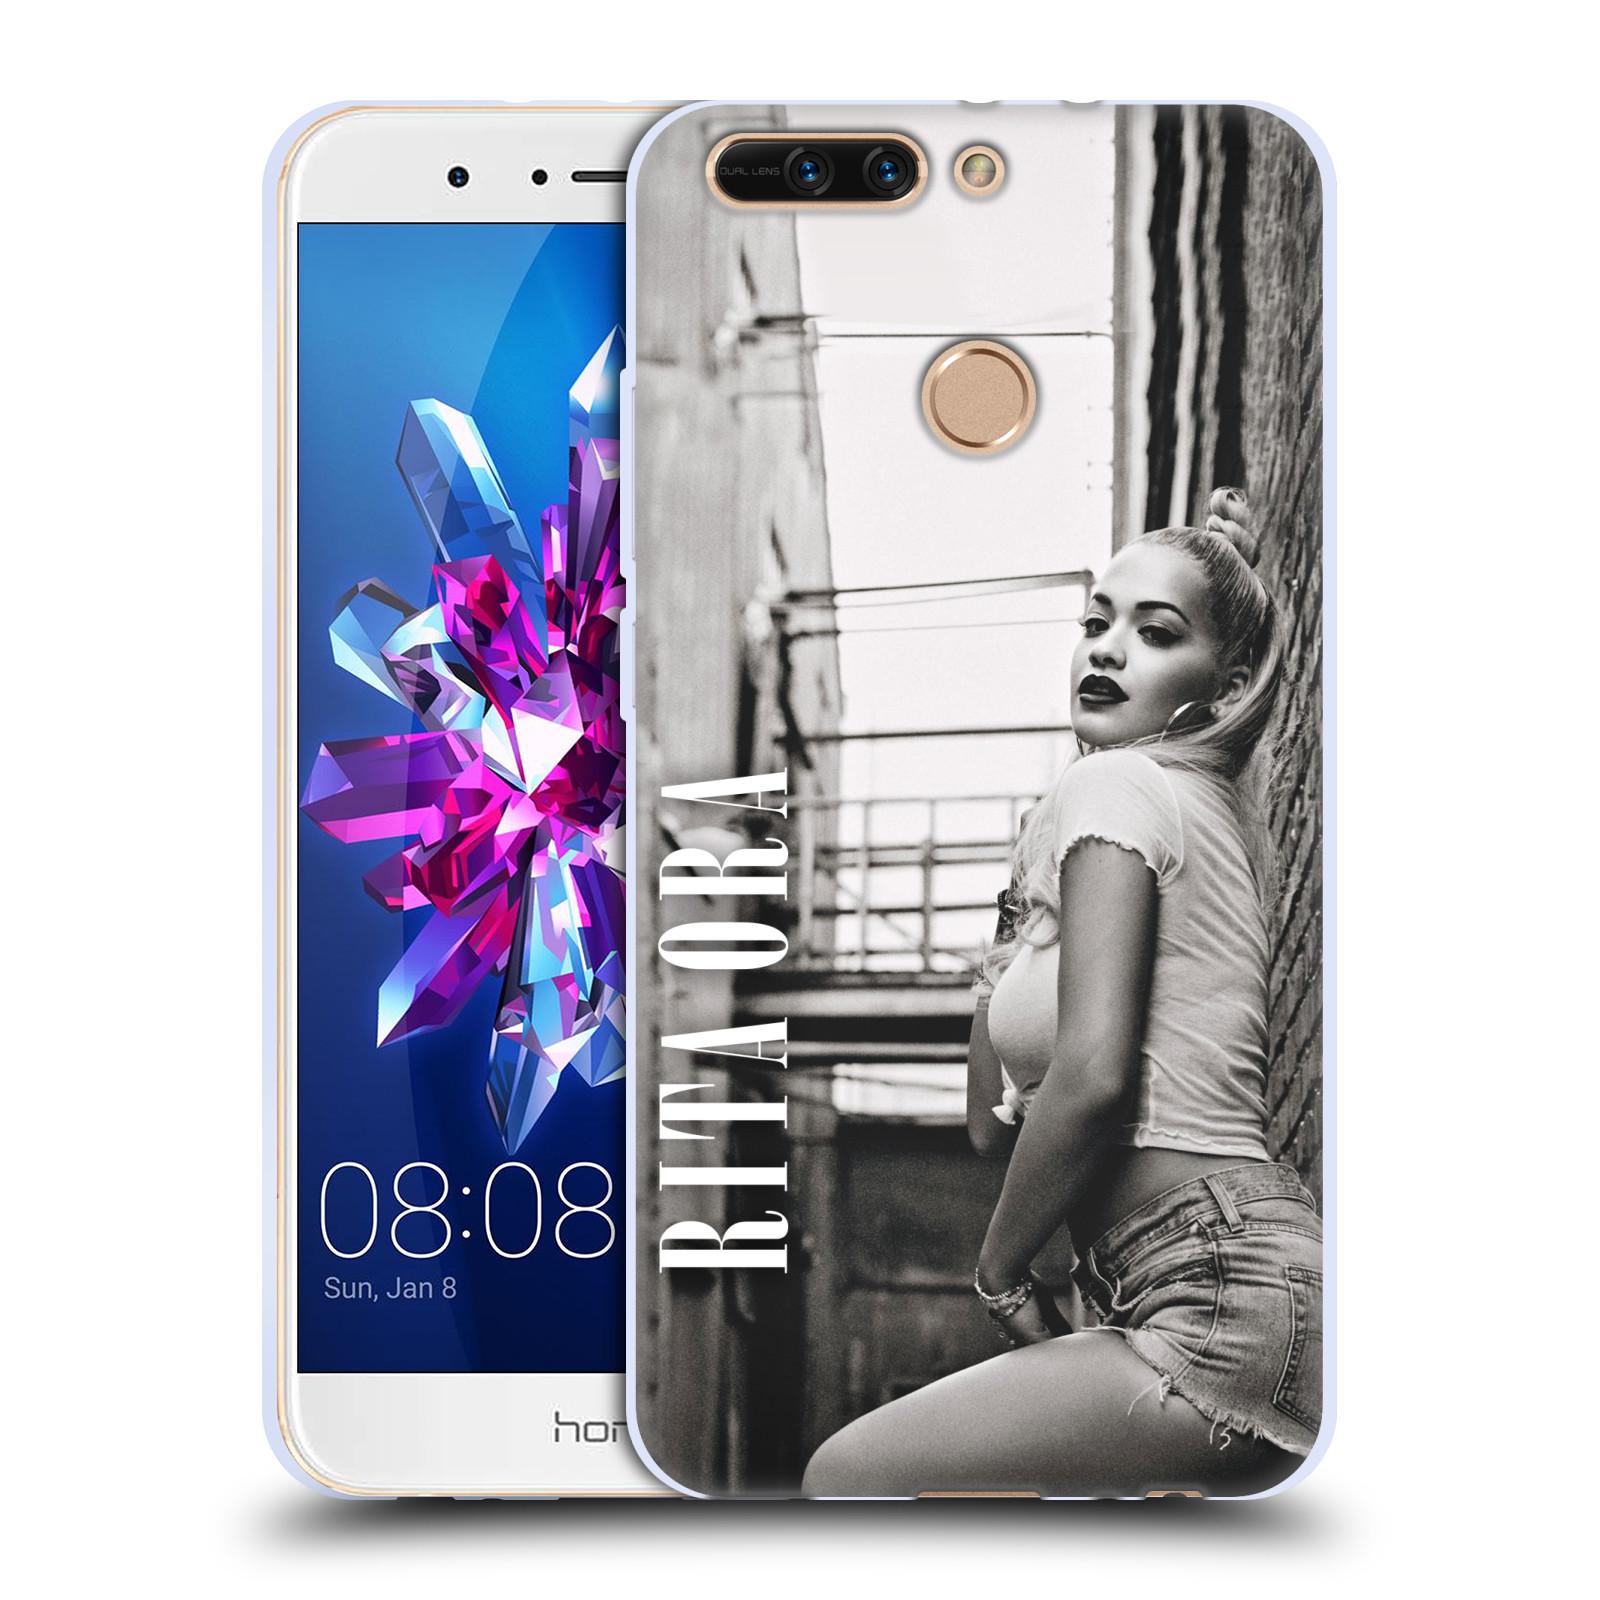 HEAD CASE silikonový obal na mobil Huawei HONOR 8 PRO / Honor 8 PRO DUAL SIM zpěvačka Rita Ora foto černobílá